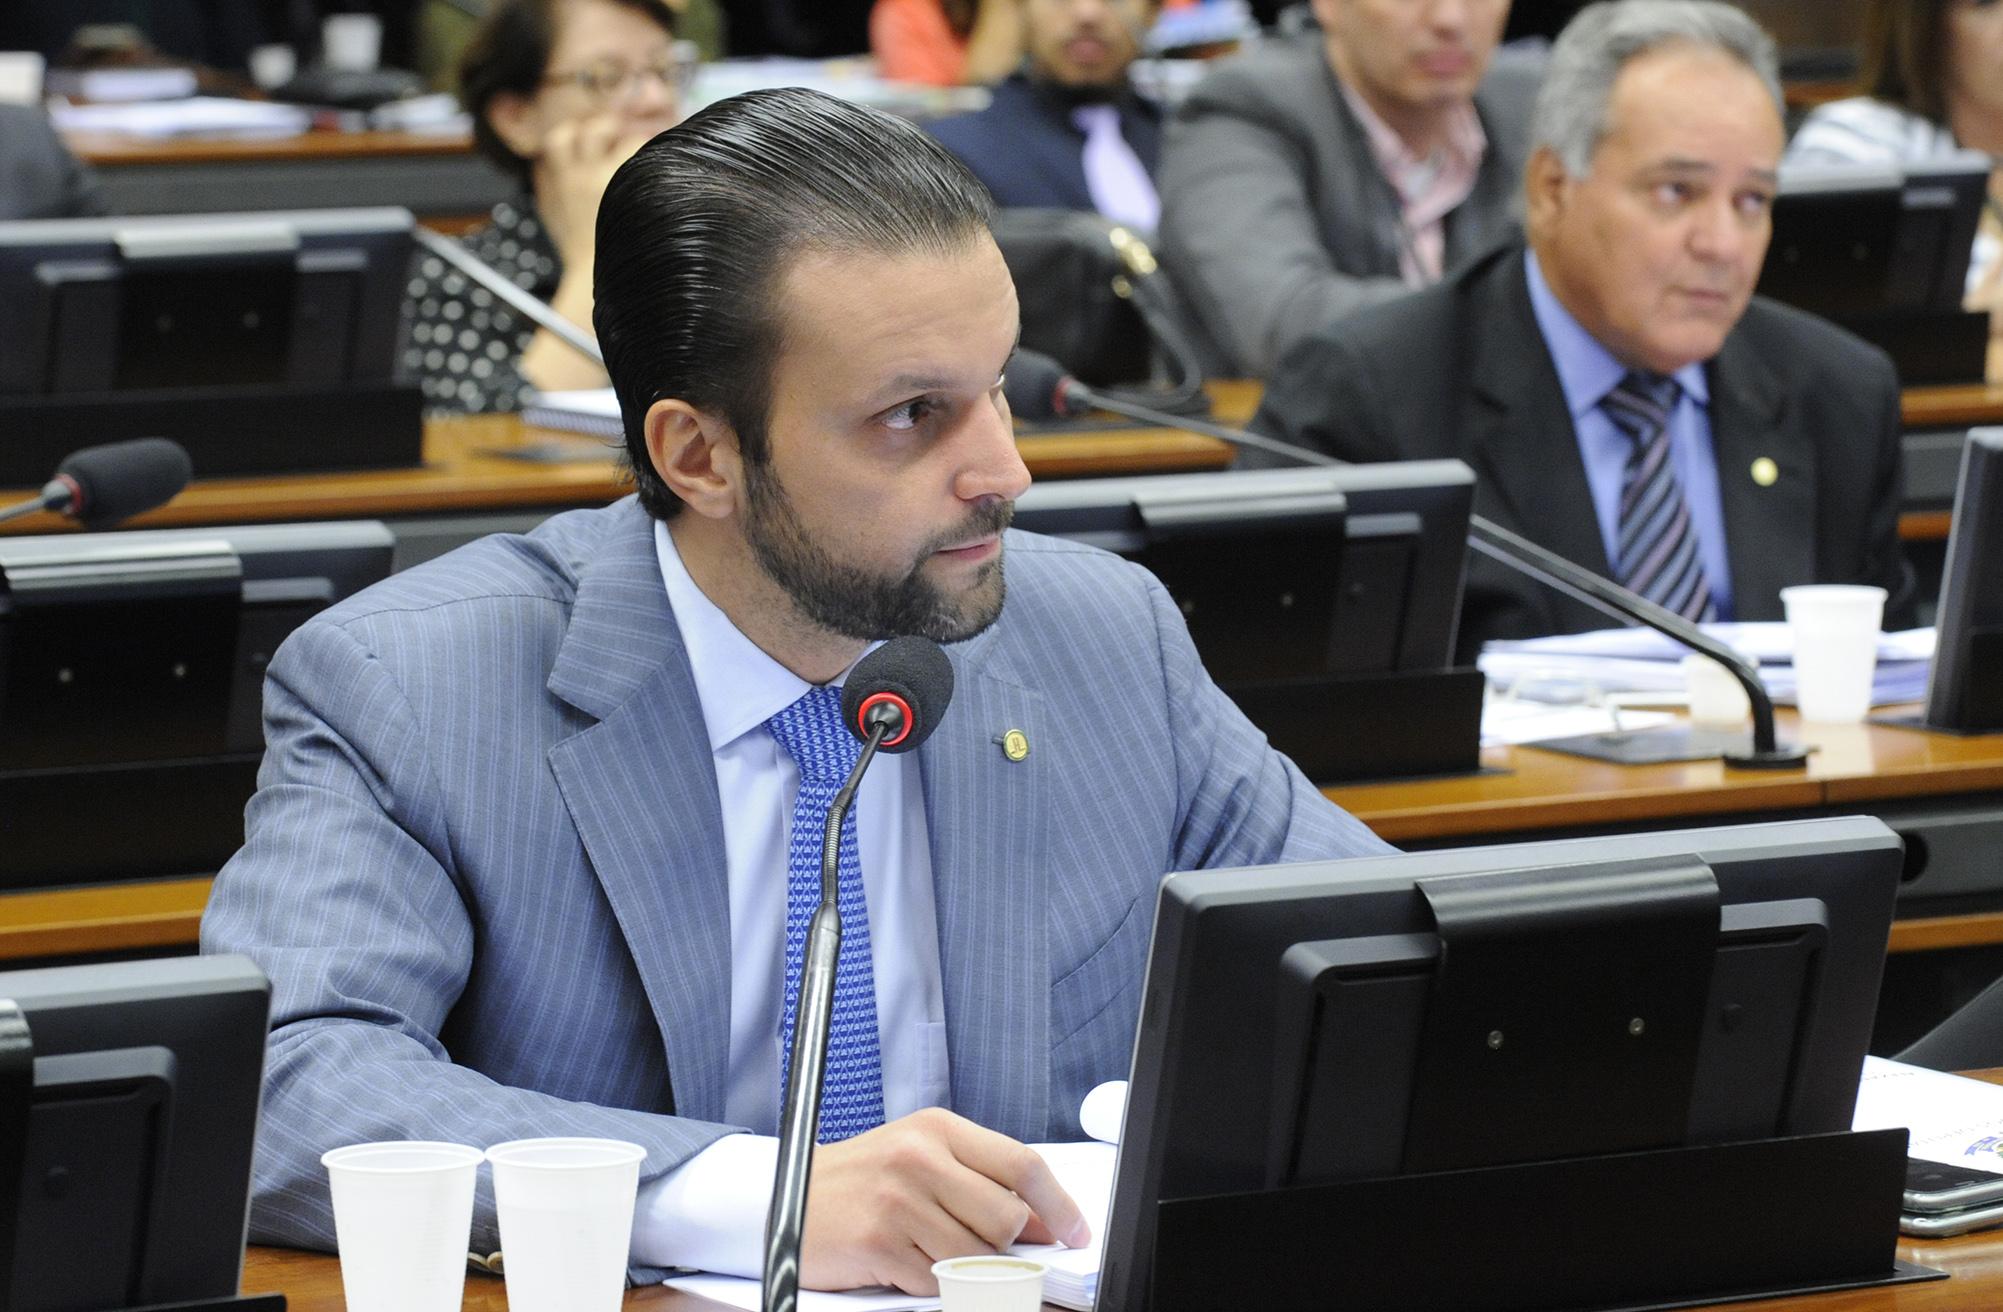 Reunião destinada a discutir os relatórios setoriais dos quatro sub-relatores da comissão. Dep. Alexandre Baldy (PSDB-GO), relatório setorial que trata de financiamentos a contratos internos